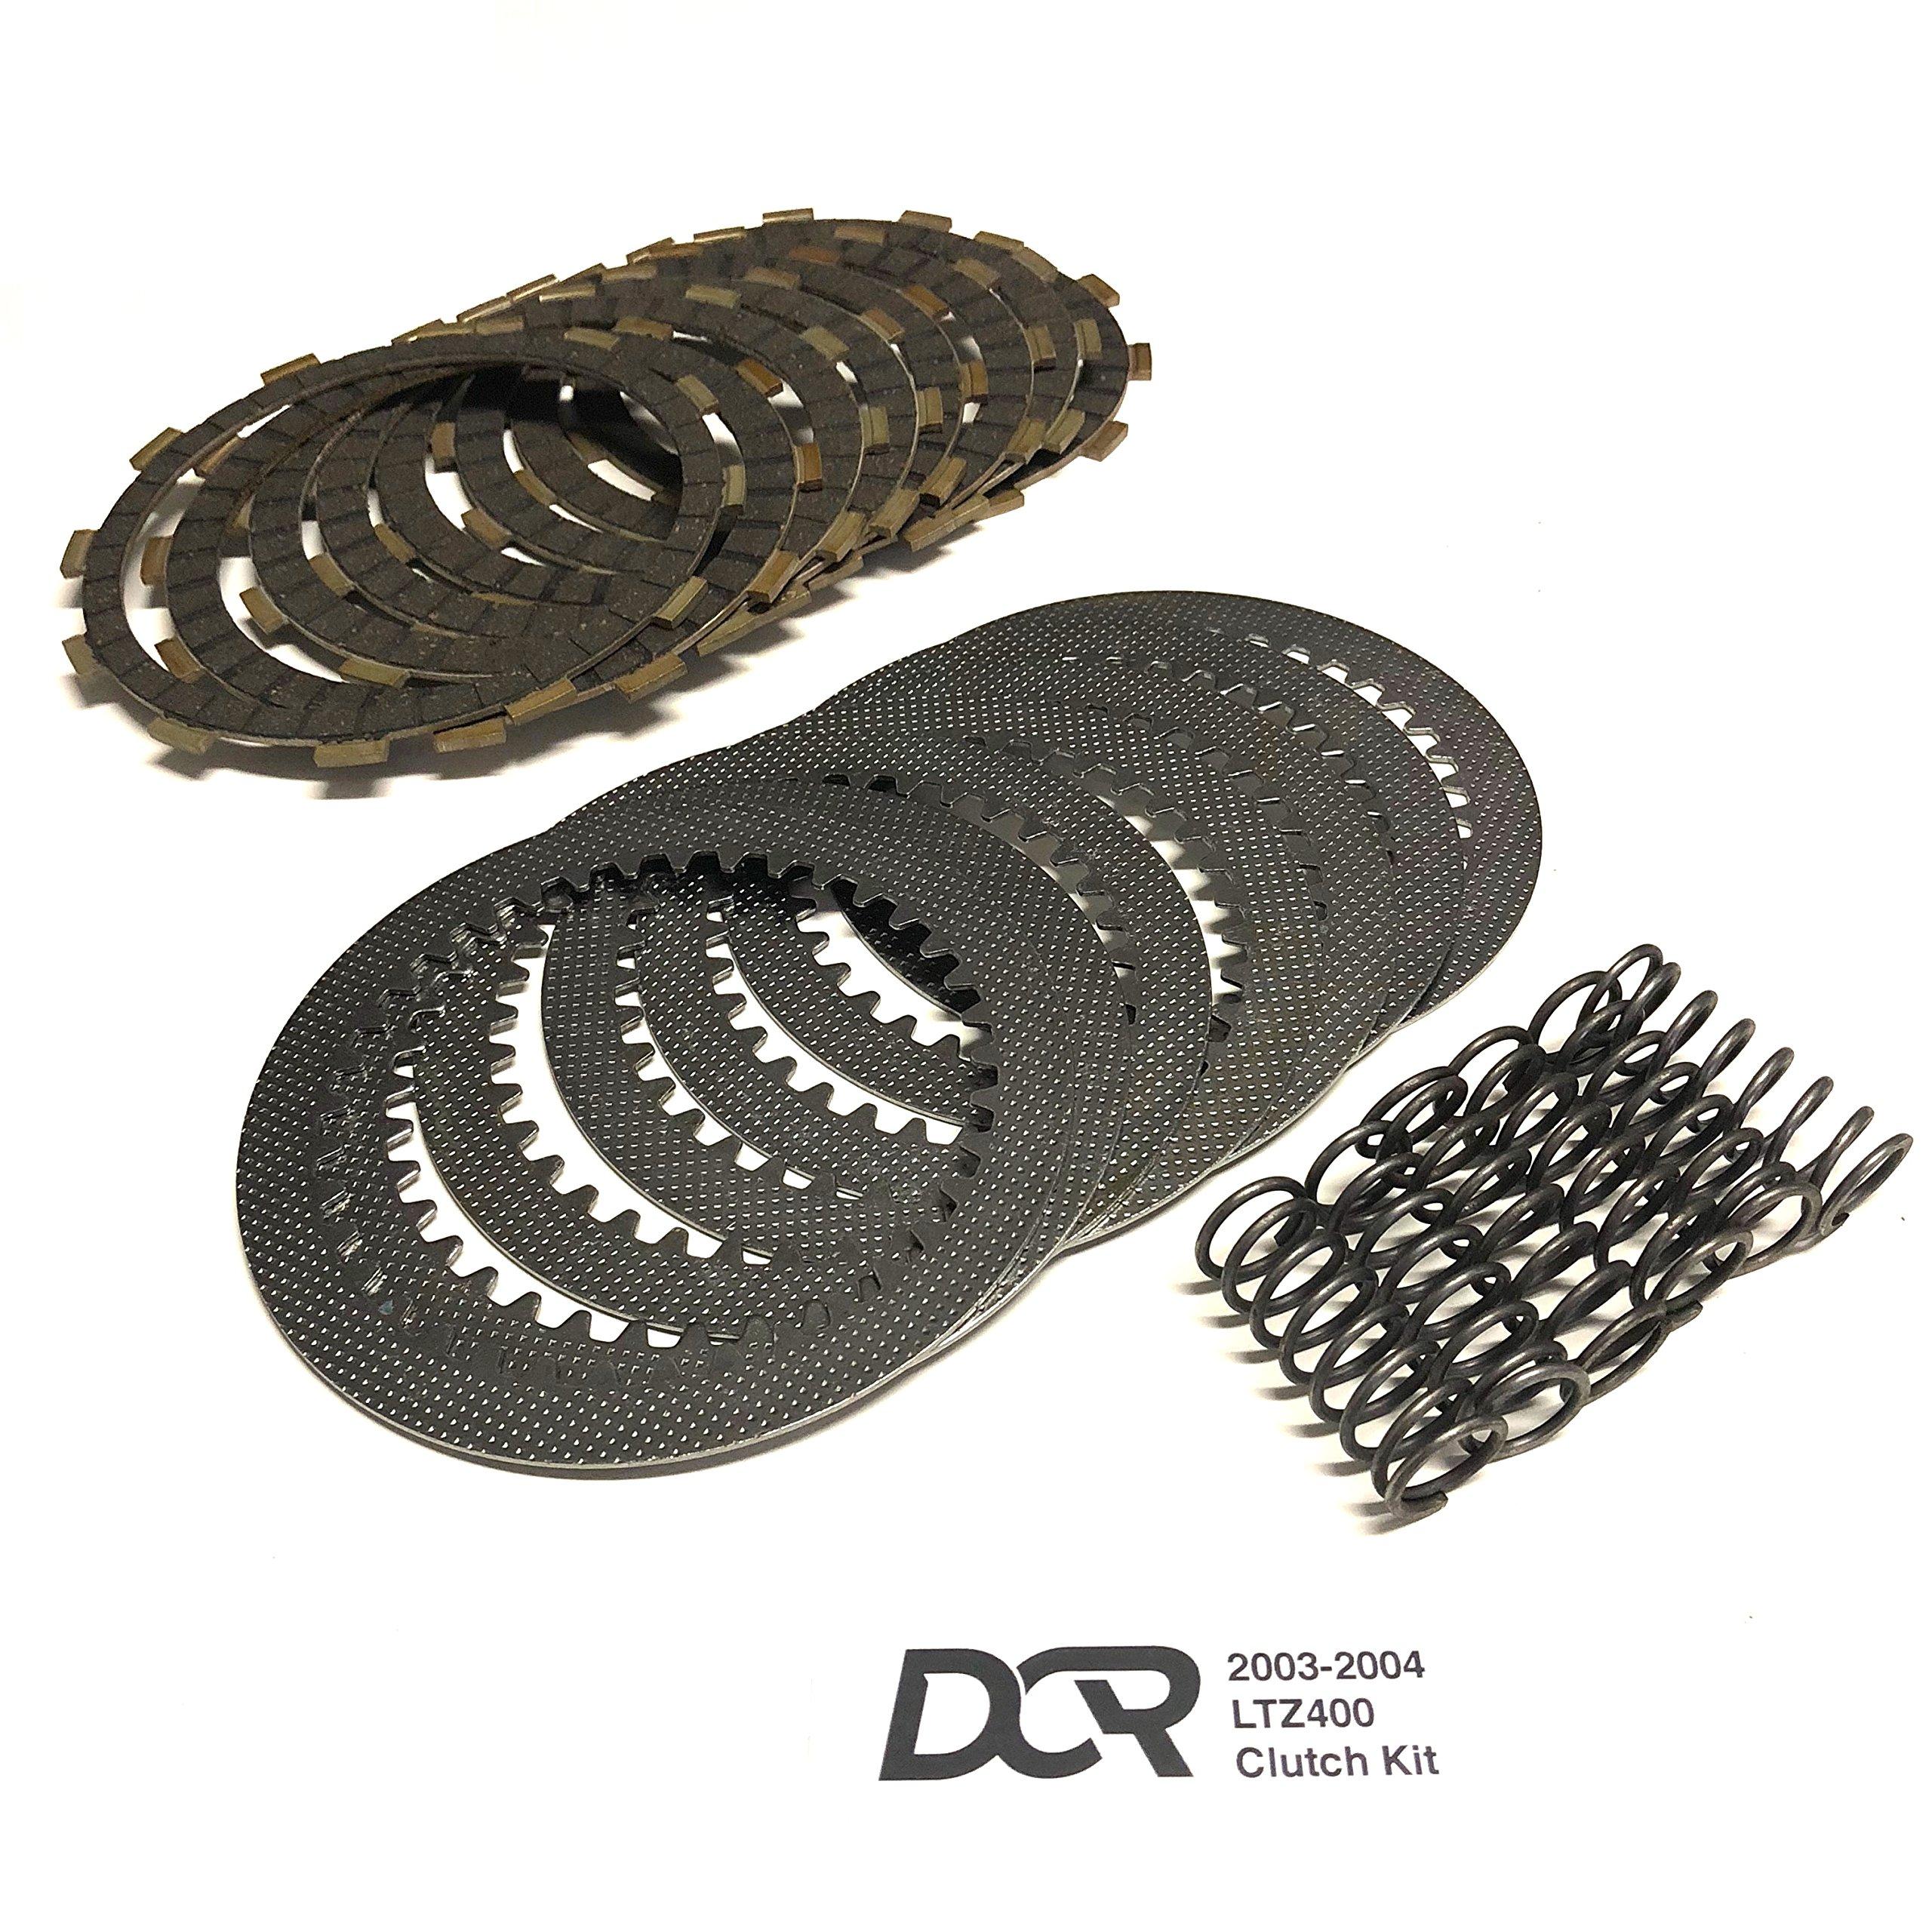 LTZ 400 DVX 400 Heavy Duty DCR Clutch Kit Plates Steels Springs 2003-2004